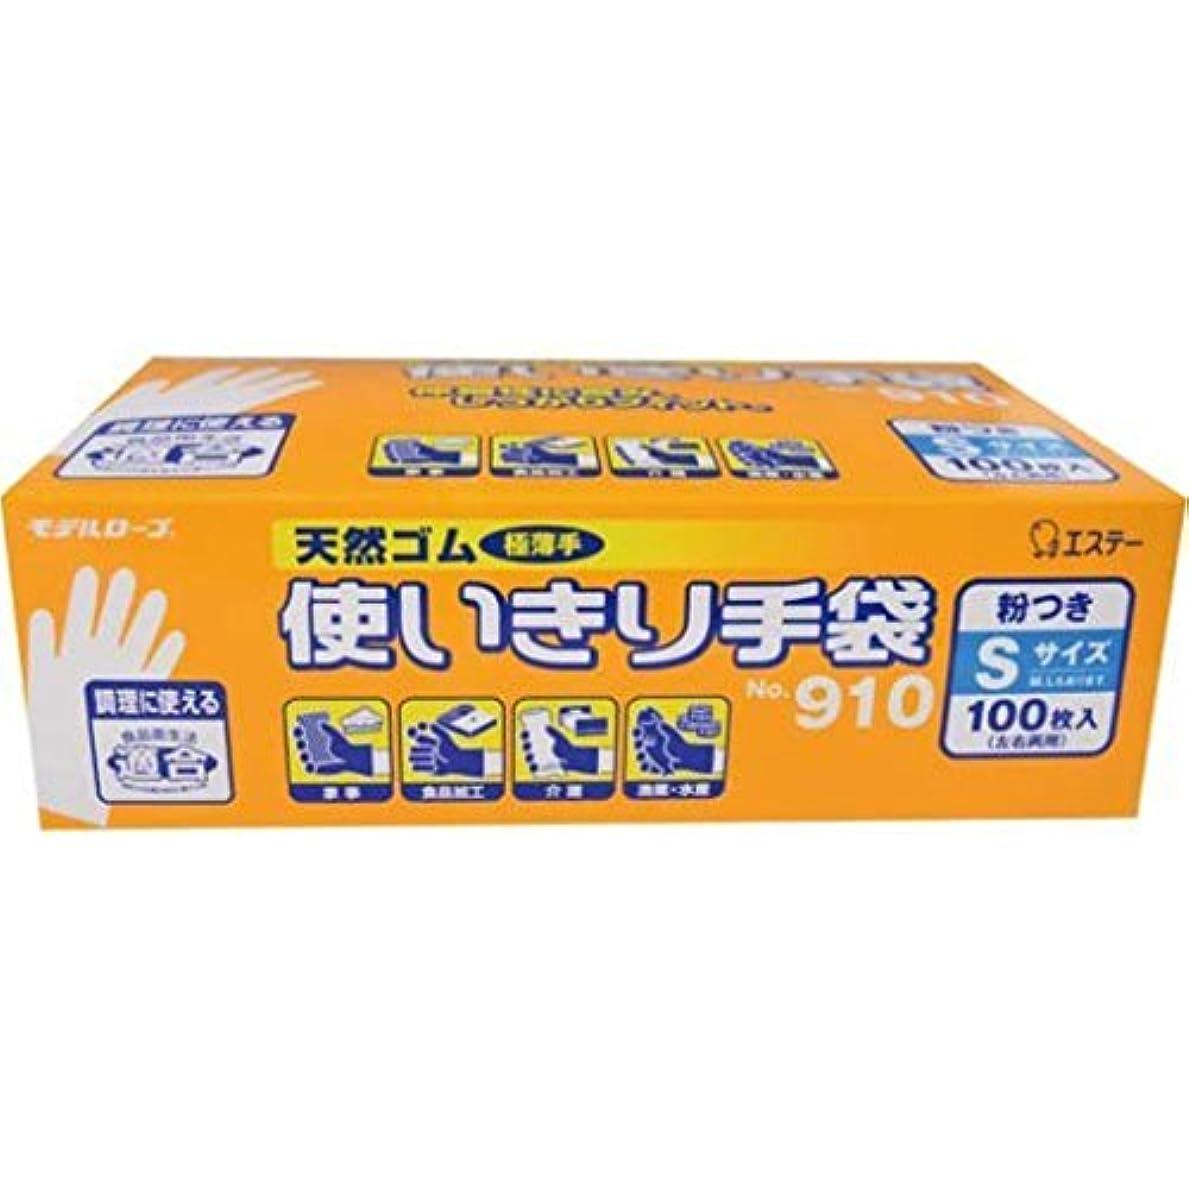 刺す決定週間(まとめ買い)エステー 天然ゴム使い切り手袋 No.910 S 【×3セット】